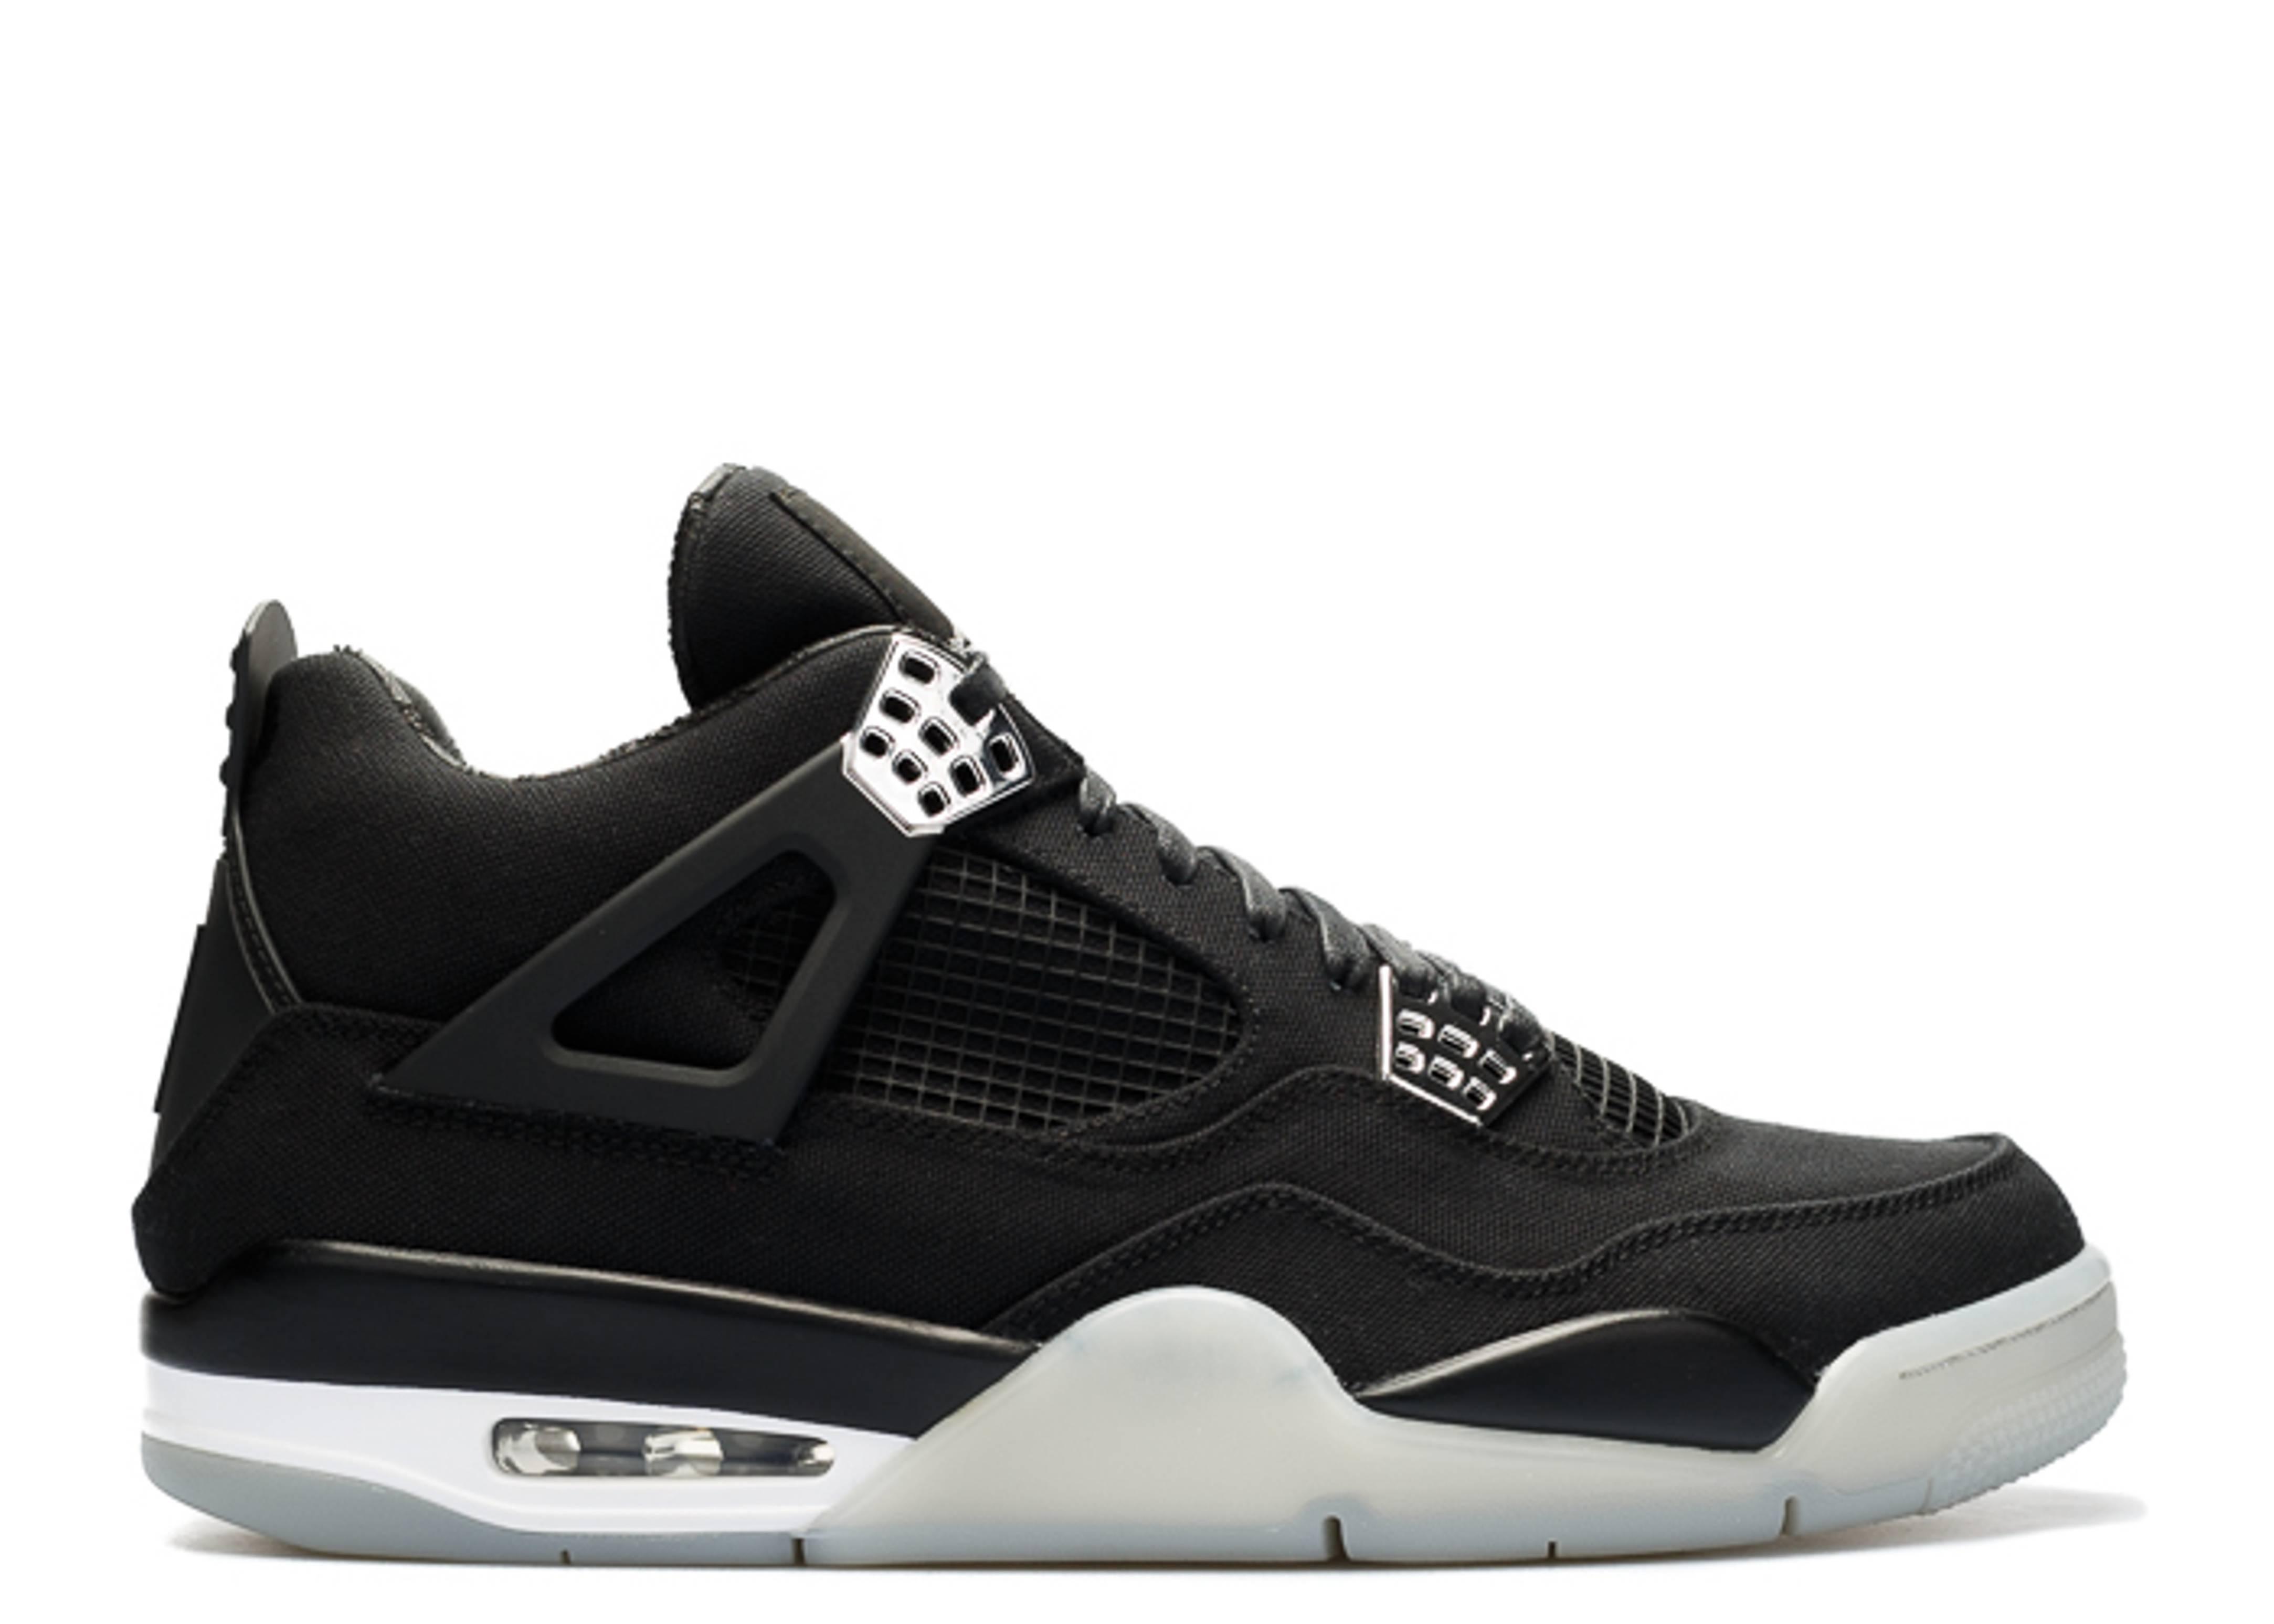 buty jesienne Darmowa dostawa dostępność w Wielkiej Brytanii Air Jordan 4 Retro